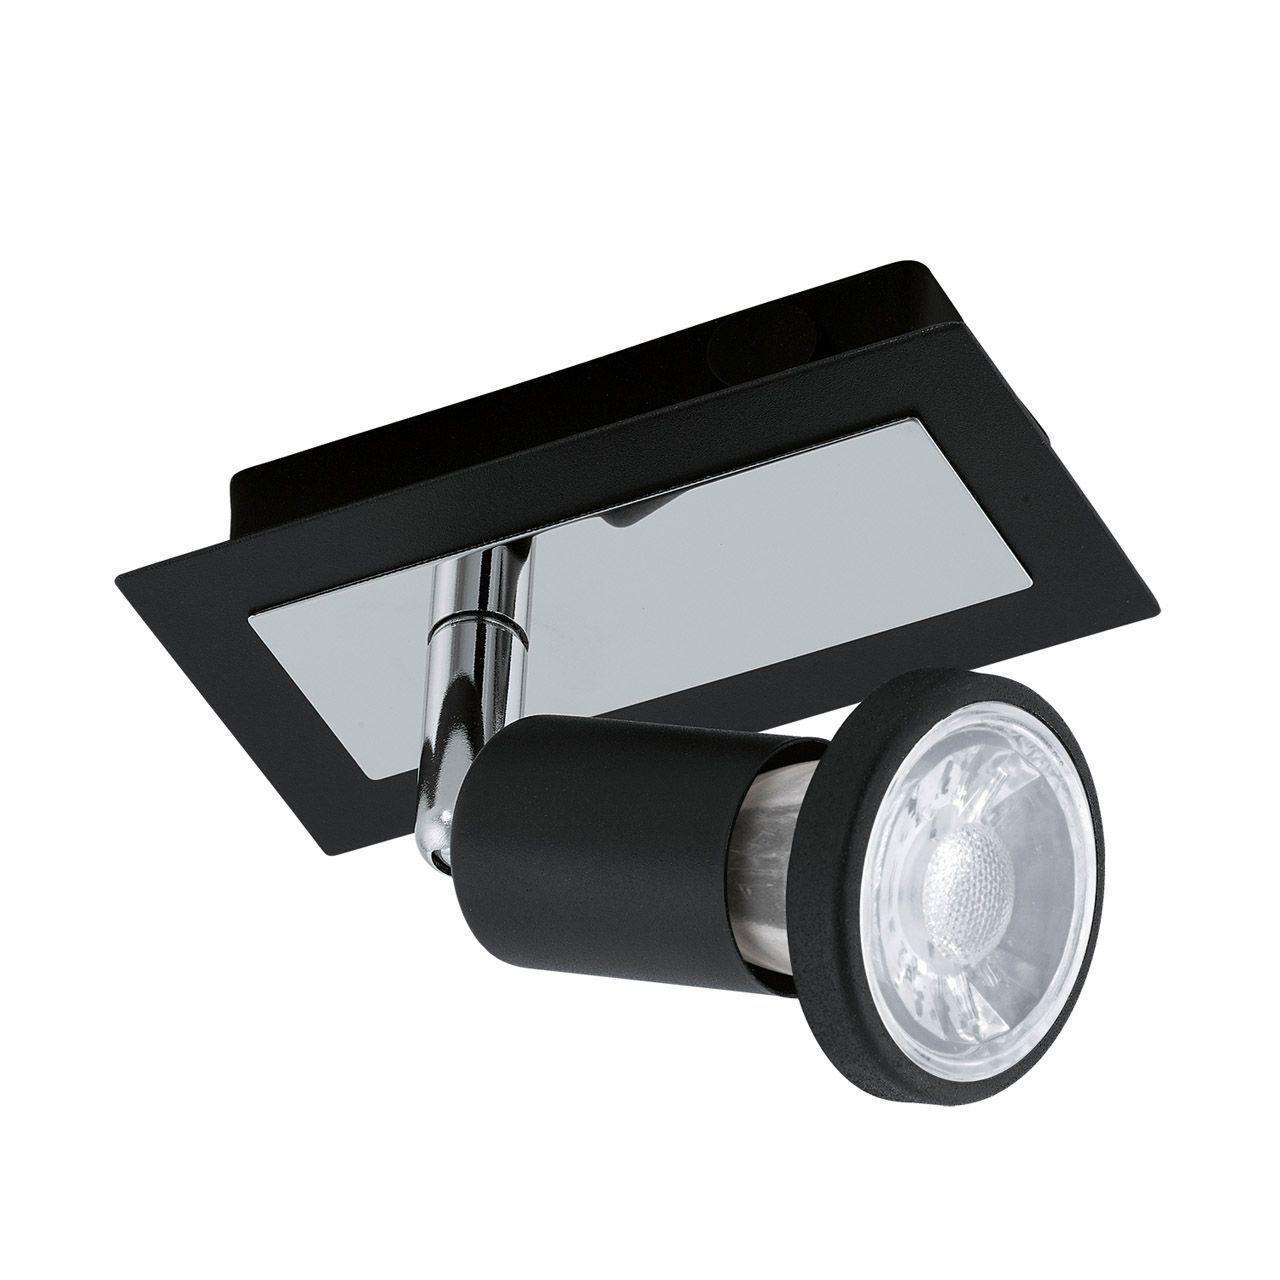 Потолочный светильник Eglo 94963, черный eglo светильник спот eglo 31264